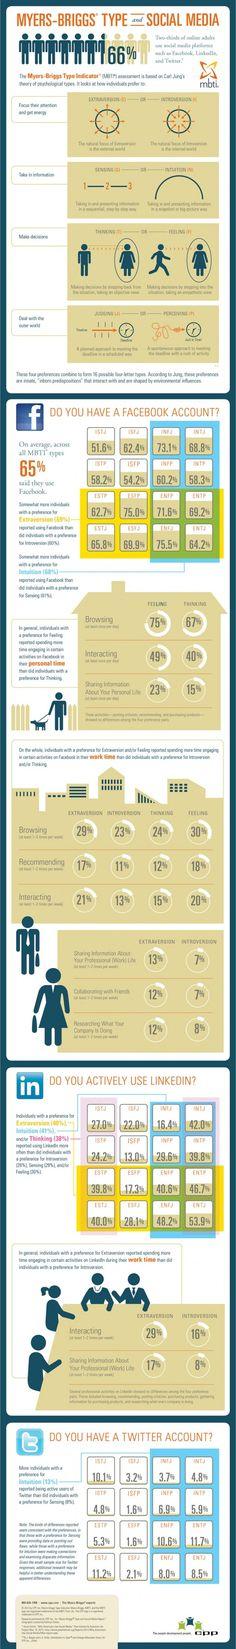 ¿Qué dicen las redes sociales de tu personalidad? [Infografía]